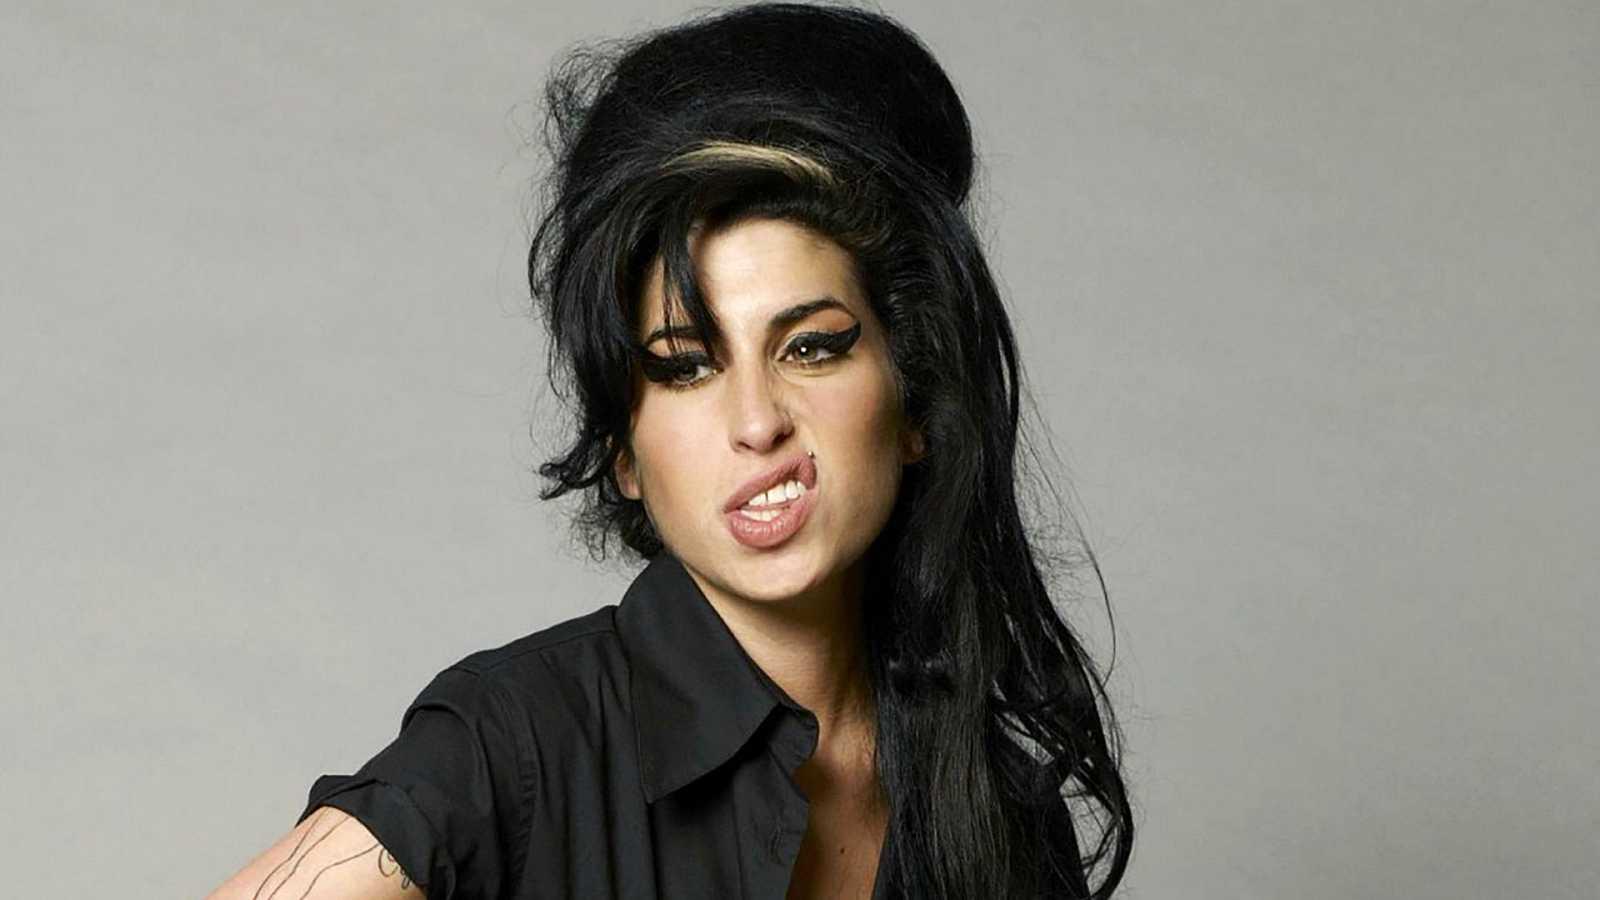 Nuevo biopic de Amy Winehouse, la artista aparecerá de nuevo en la gran pantalla